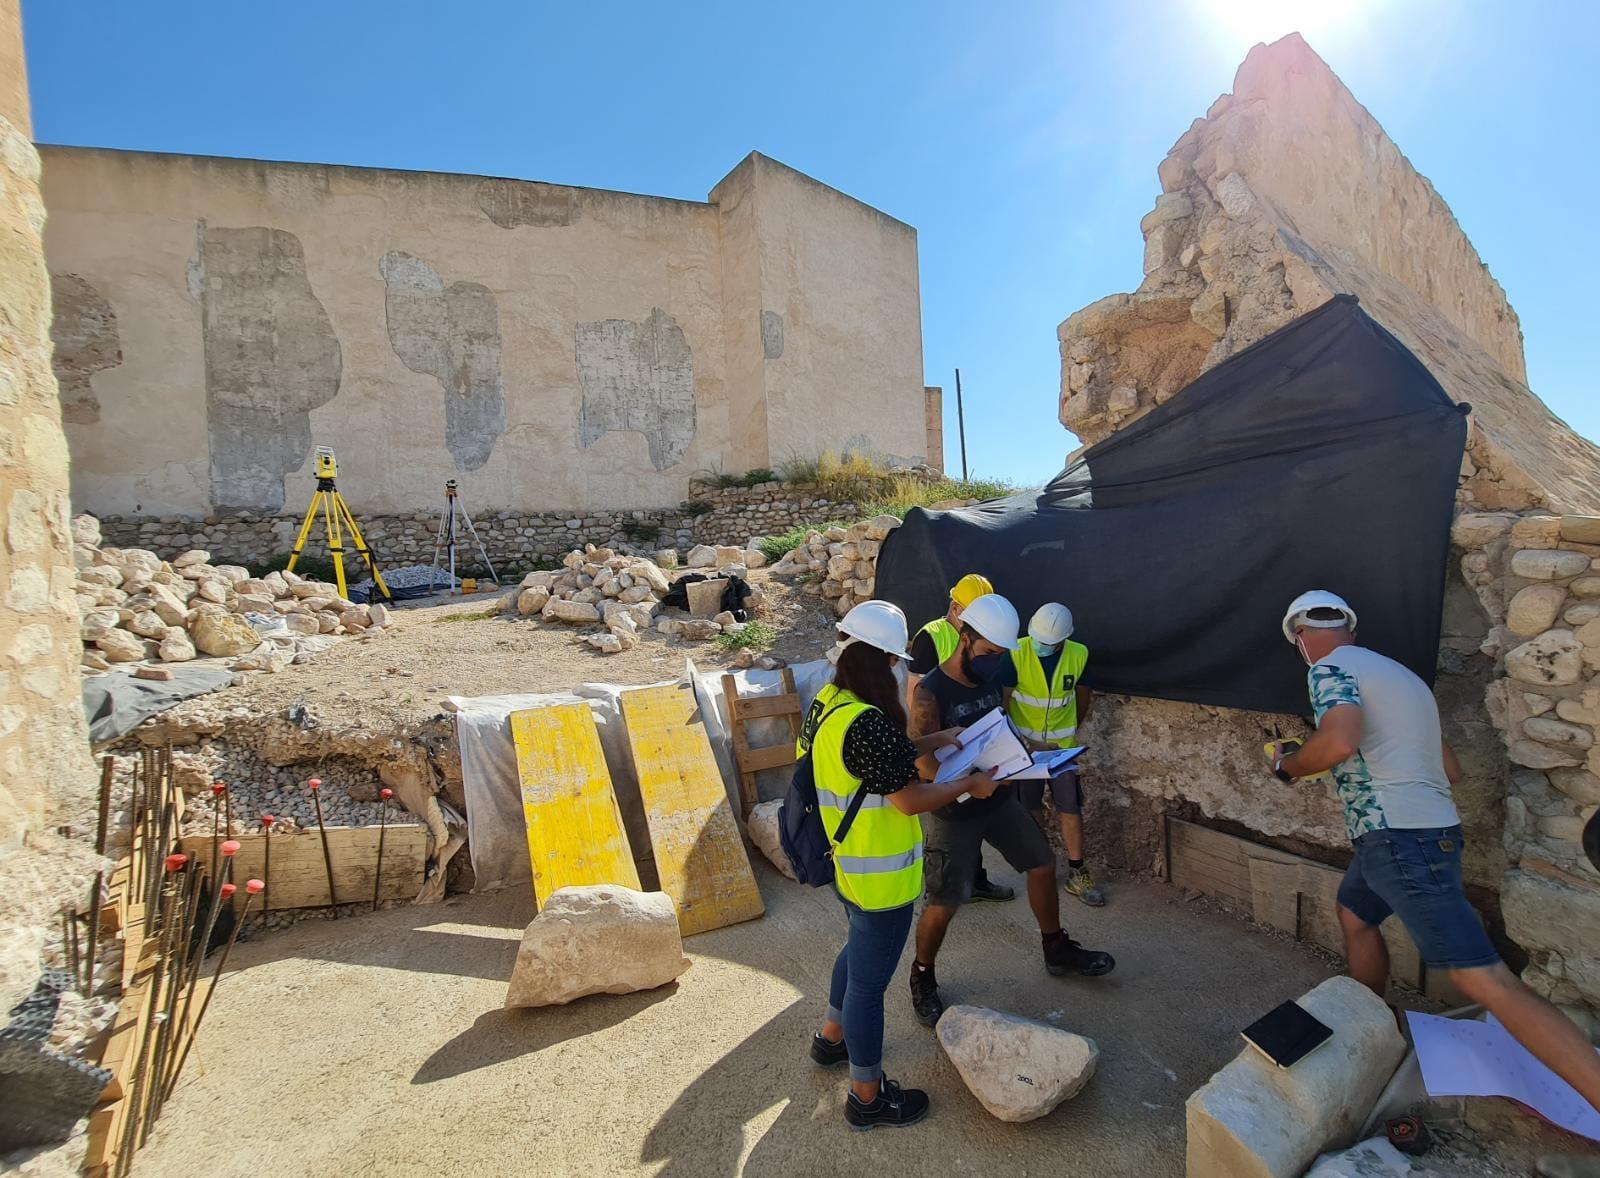 El Ayuntamiento de Elda avanza en la recuperación del Castillo con los trabajos de reconstrucción de la puerta del antemural